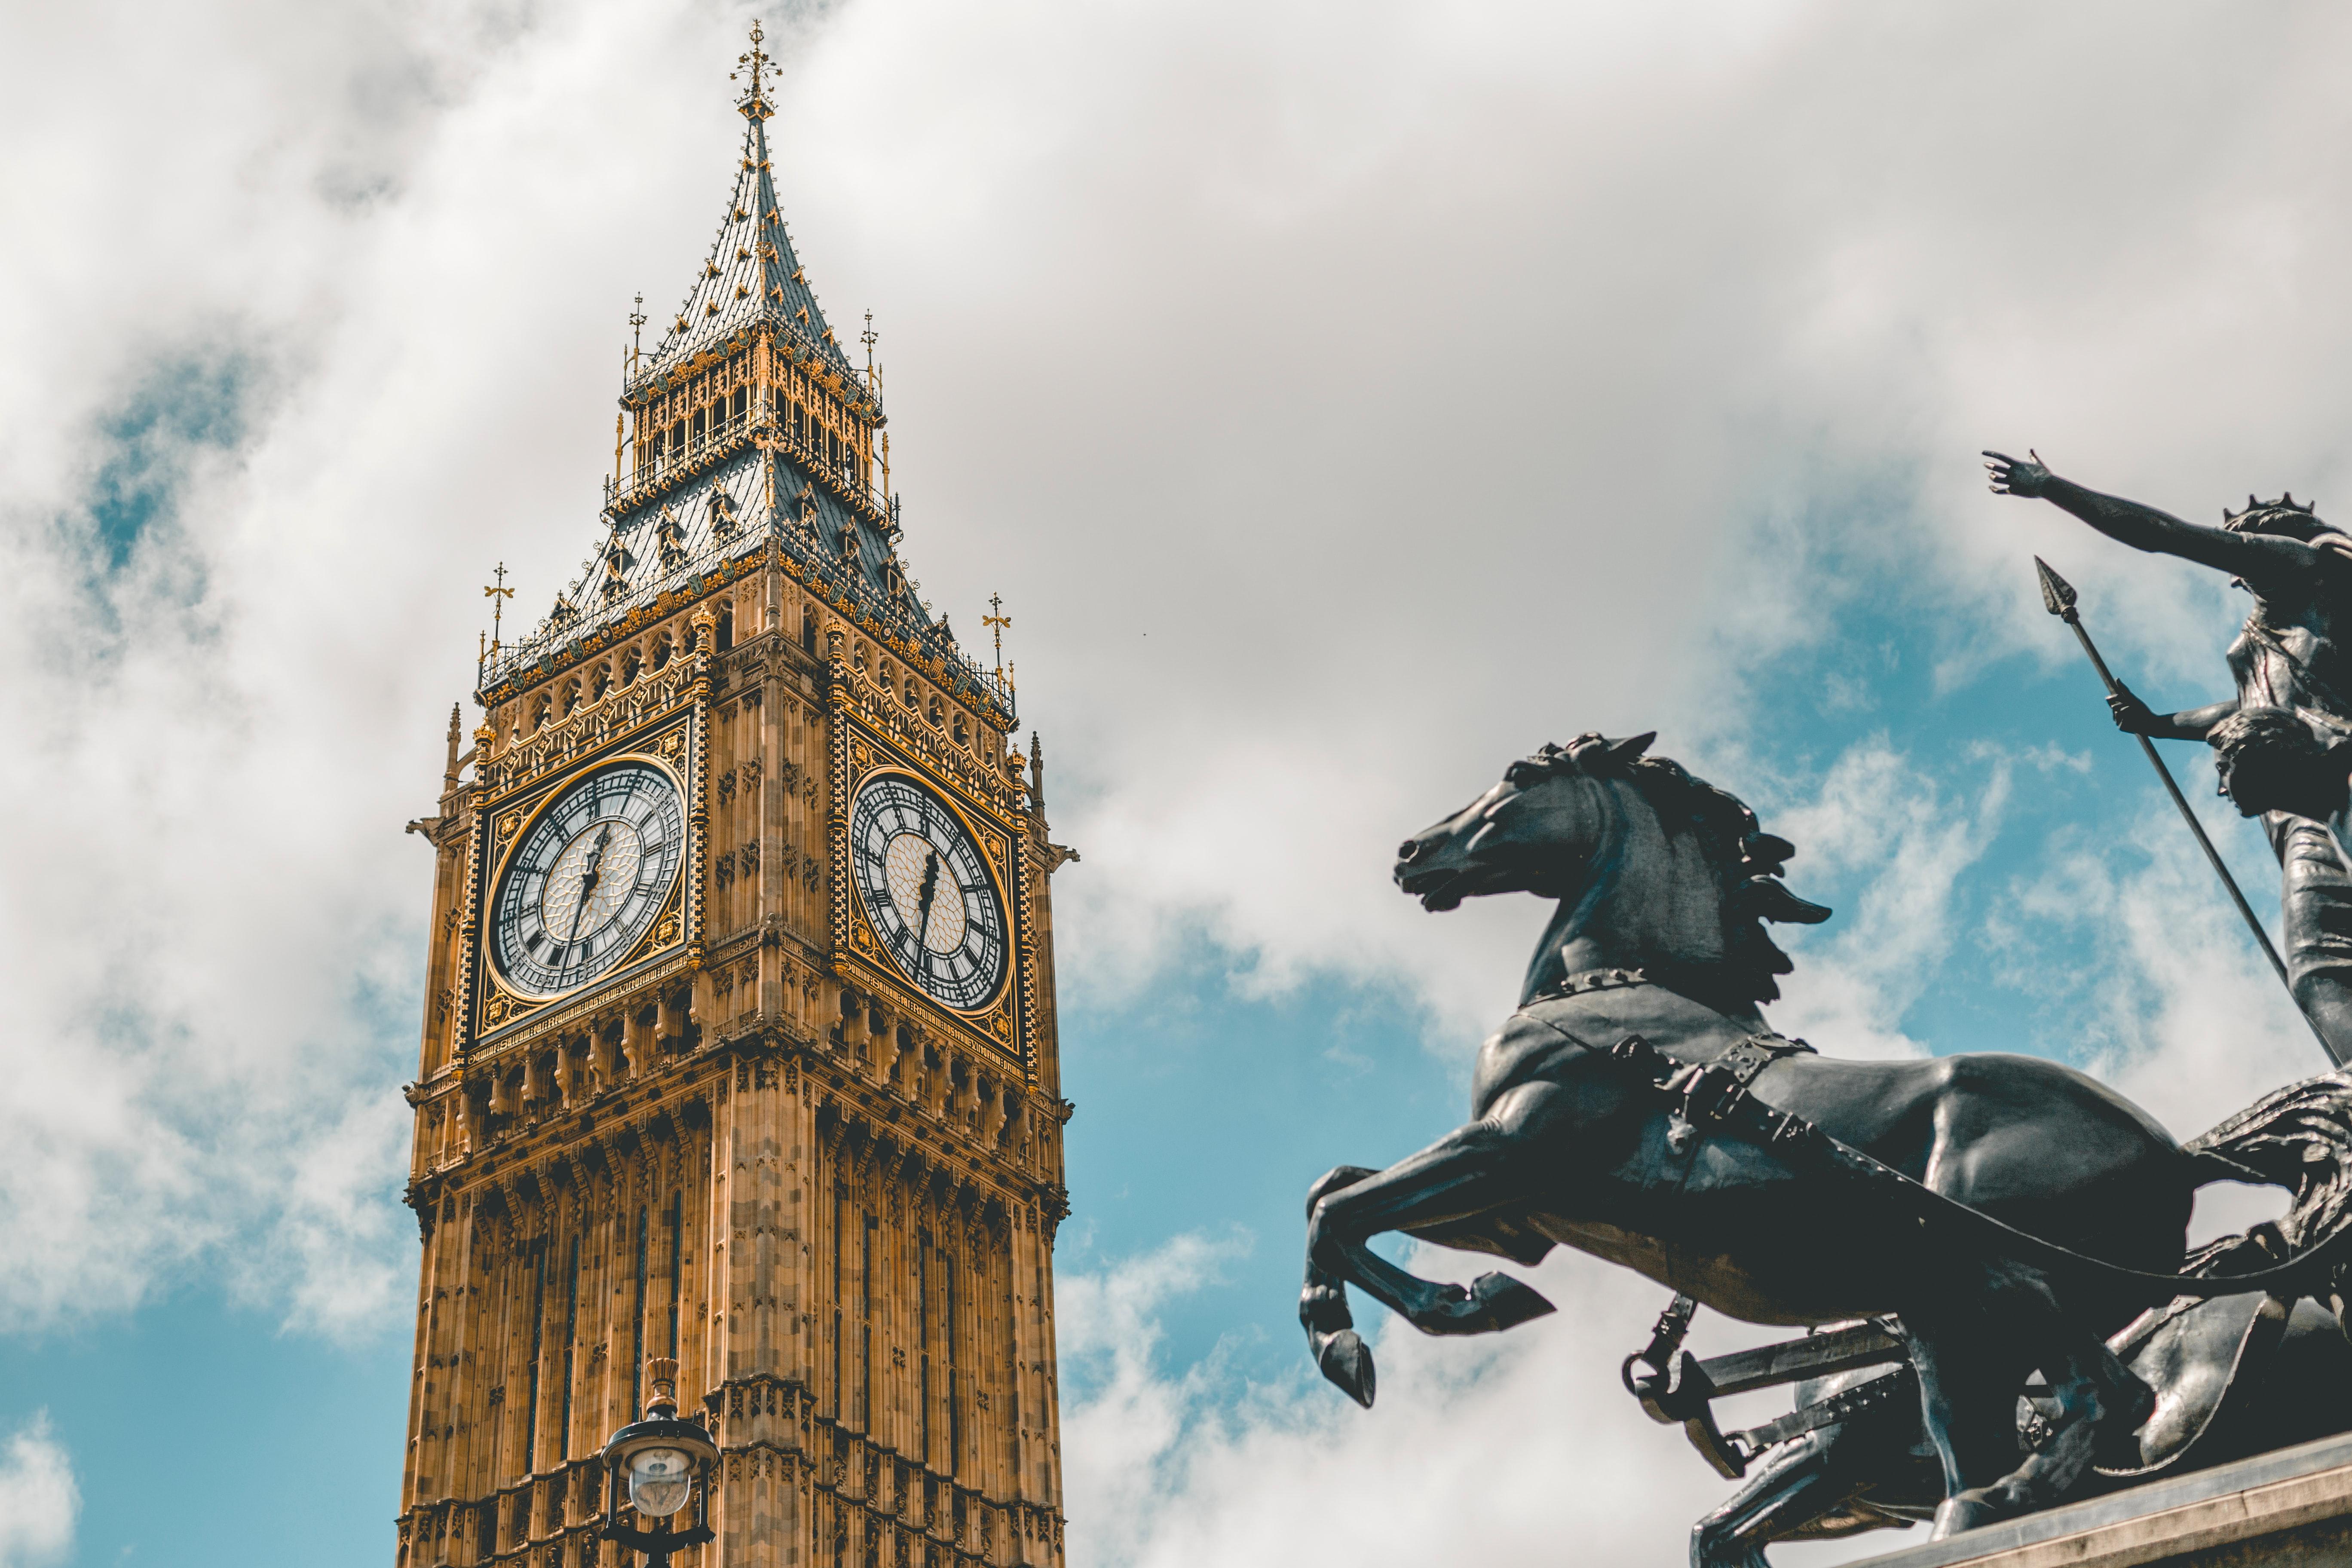 英国伦敦大本钟图片桌面壁纸